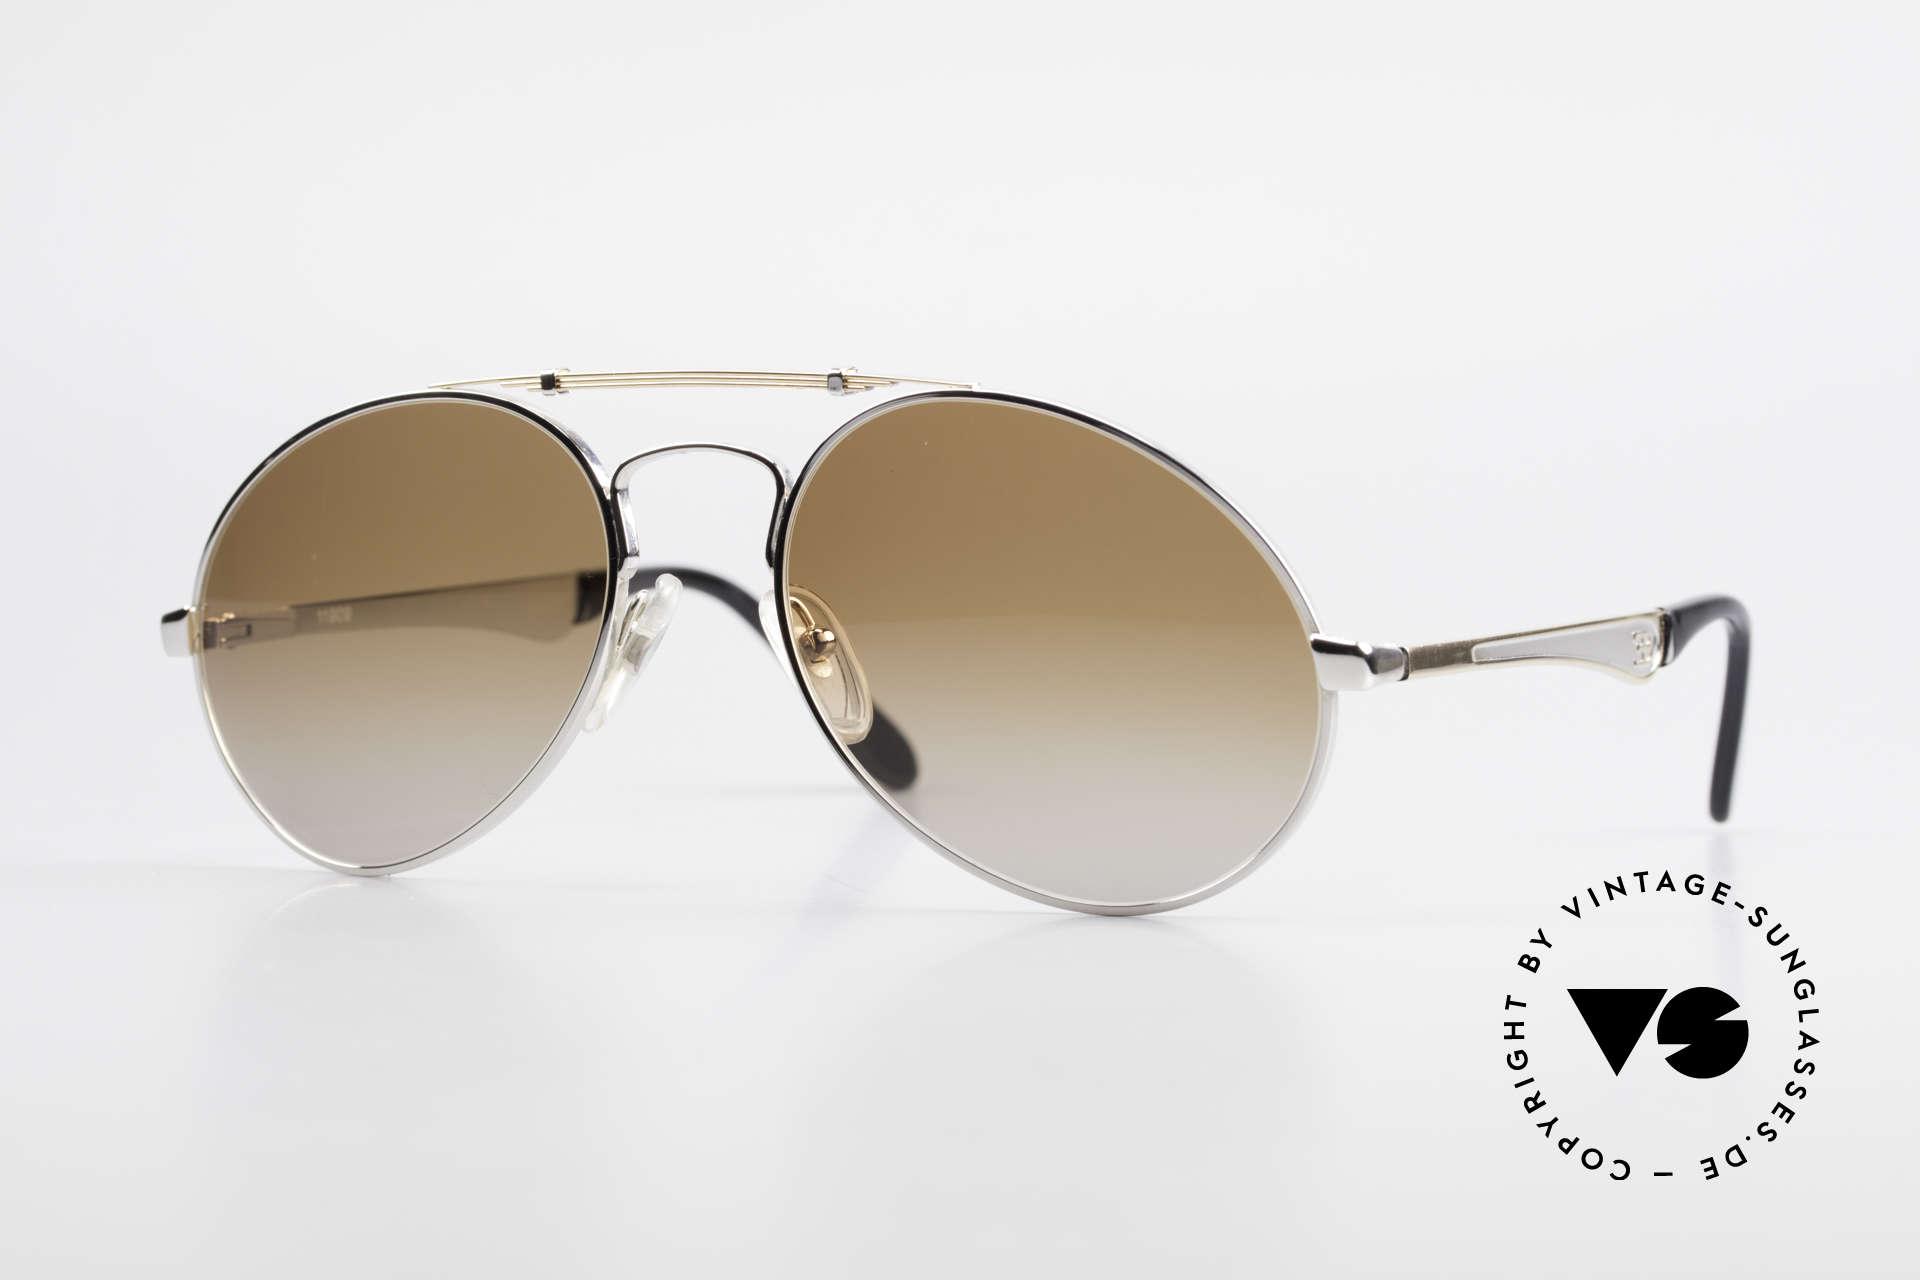 Bugatti 11909 80er Luxus Sonnenbrille Herren, 80er vintage Herren-Sonnenbrille, XL Gr. 58/20, Passend für Herren